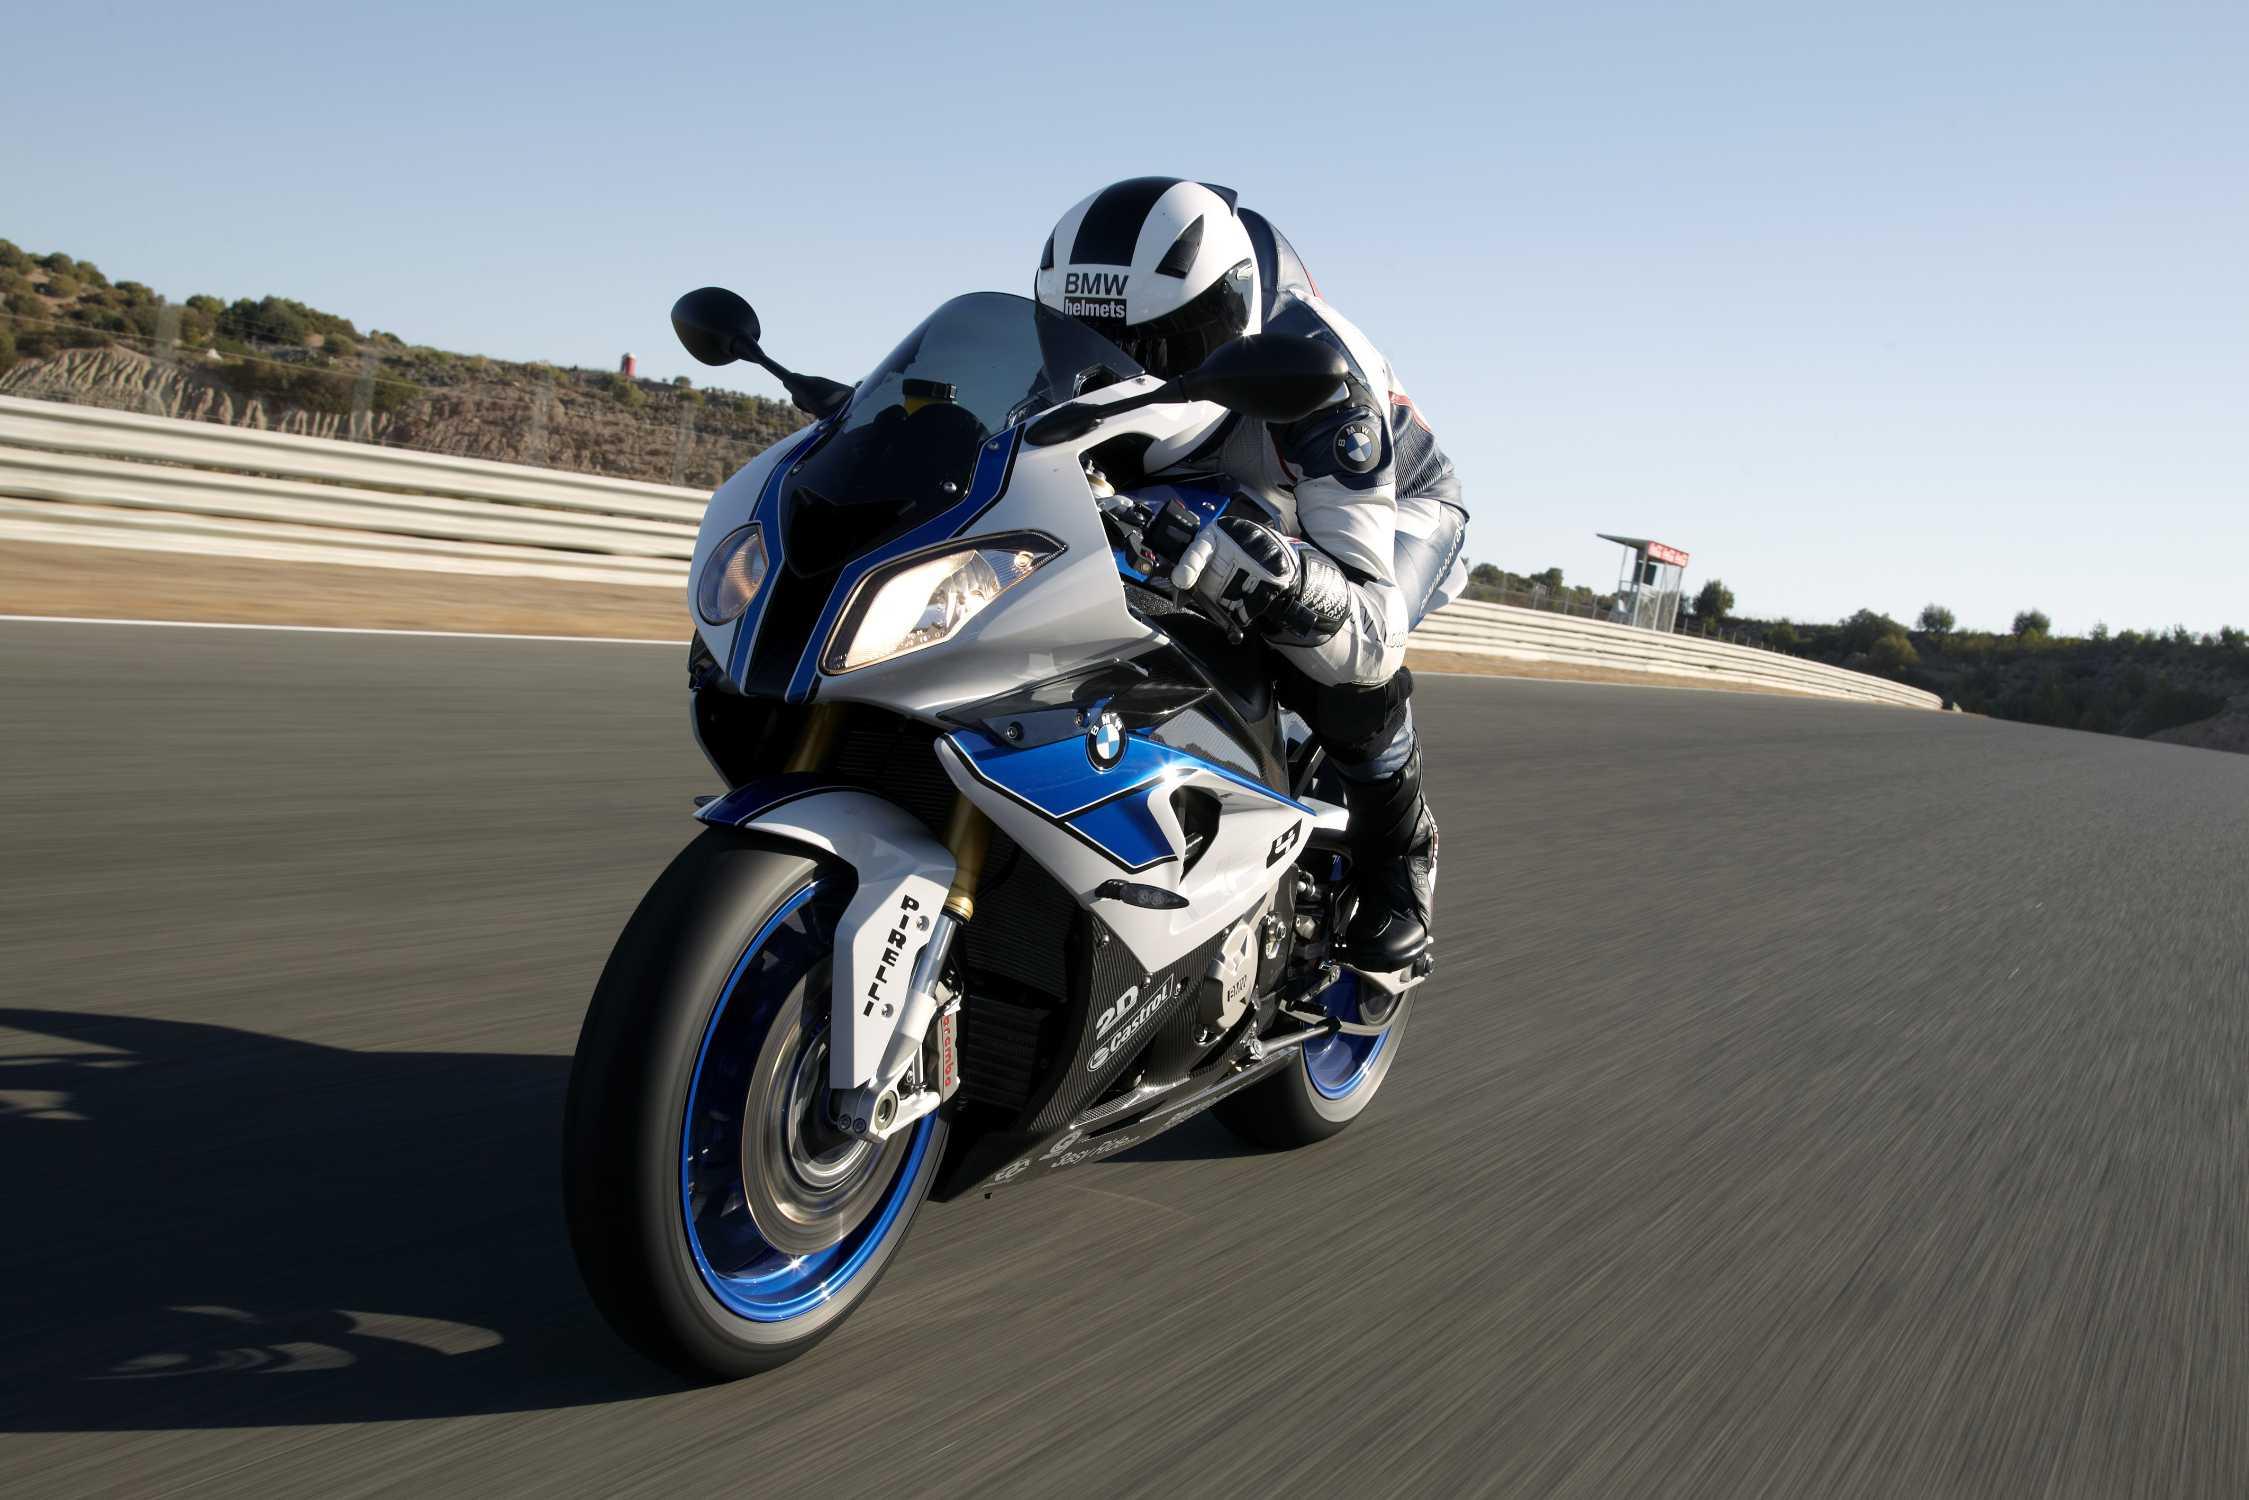 стоимость мотоцикла БМВ последней модели байкерских #9